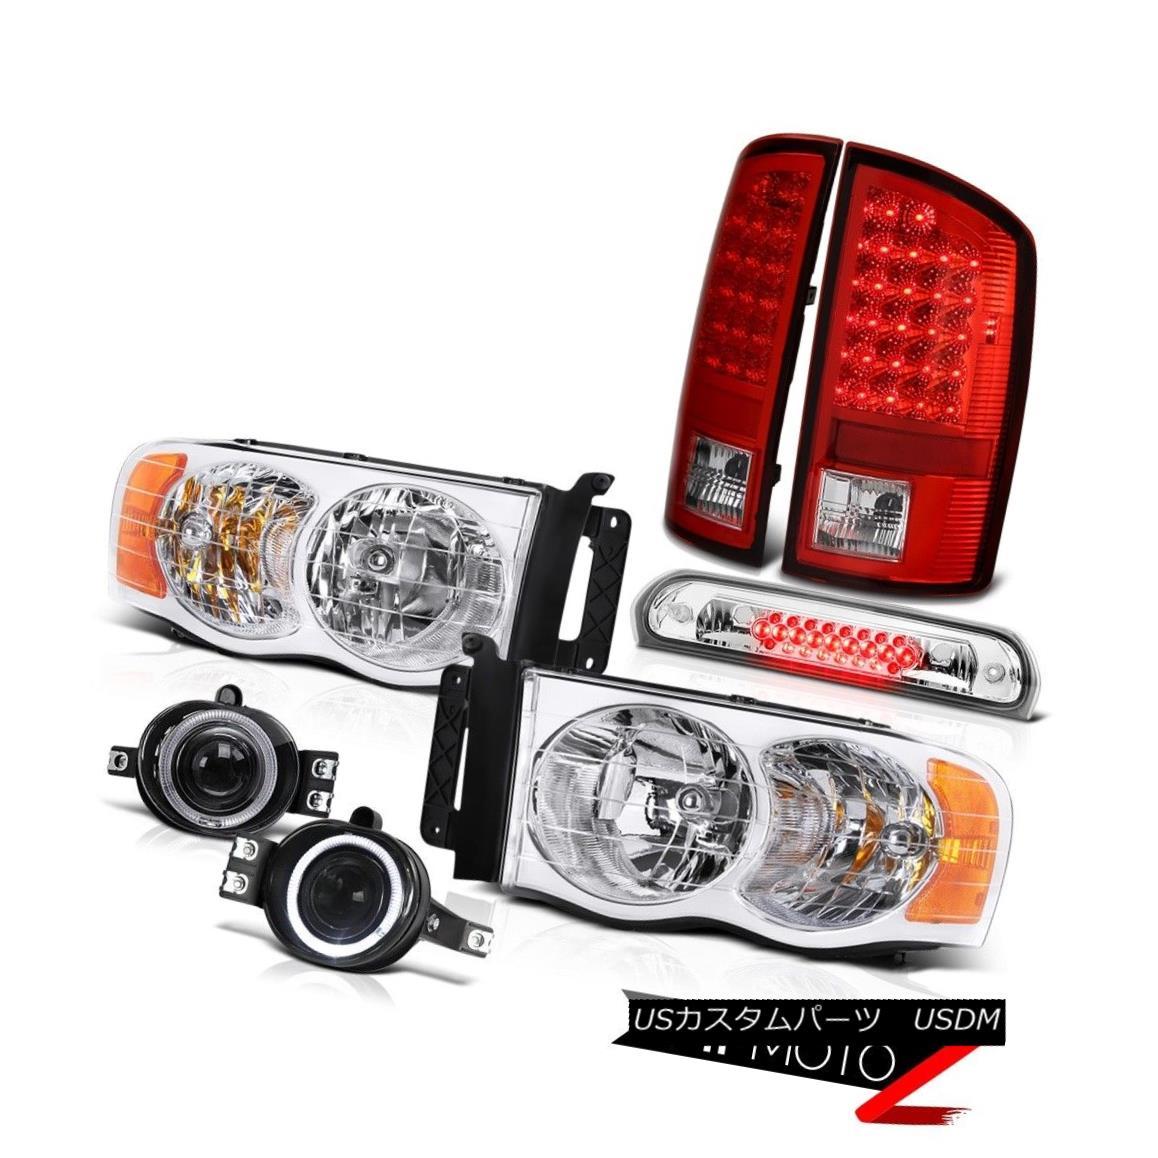 ヘッドライト 02-05 Dodge Ram Crystal Clear Headlamps Brake Tail Lights LED Euro Fog High 02-05ダッジラムクリスタルクリアヘッドランプブレーキテールライトLEDユーロフォグハイ